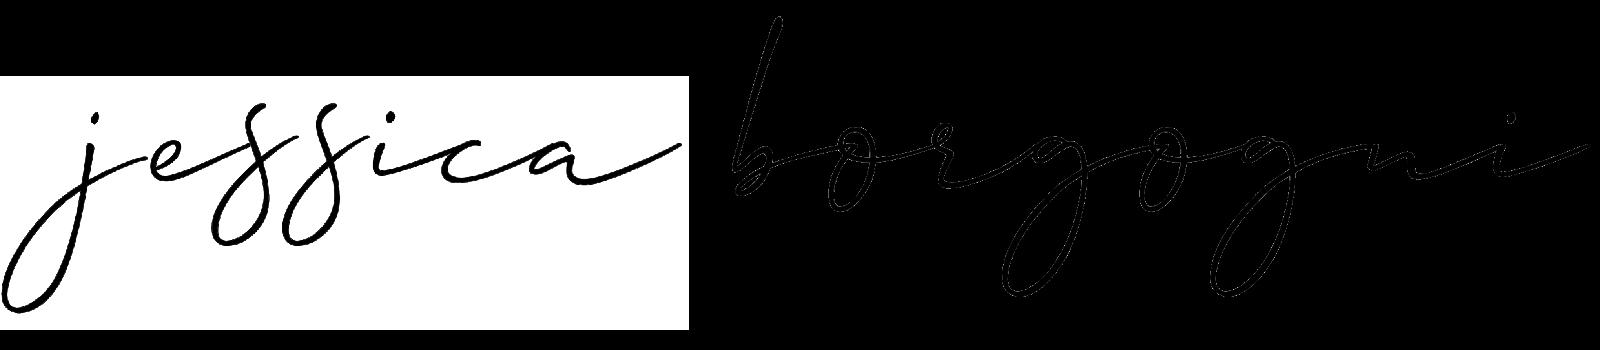 jessica borgogni